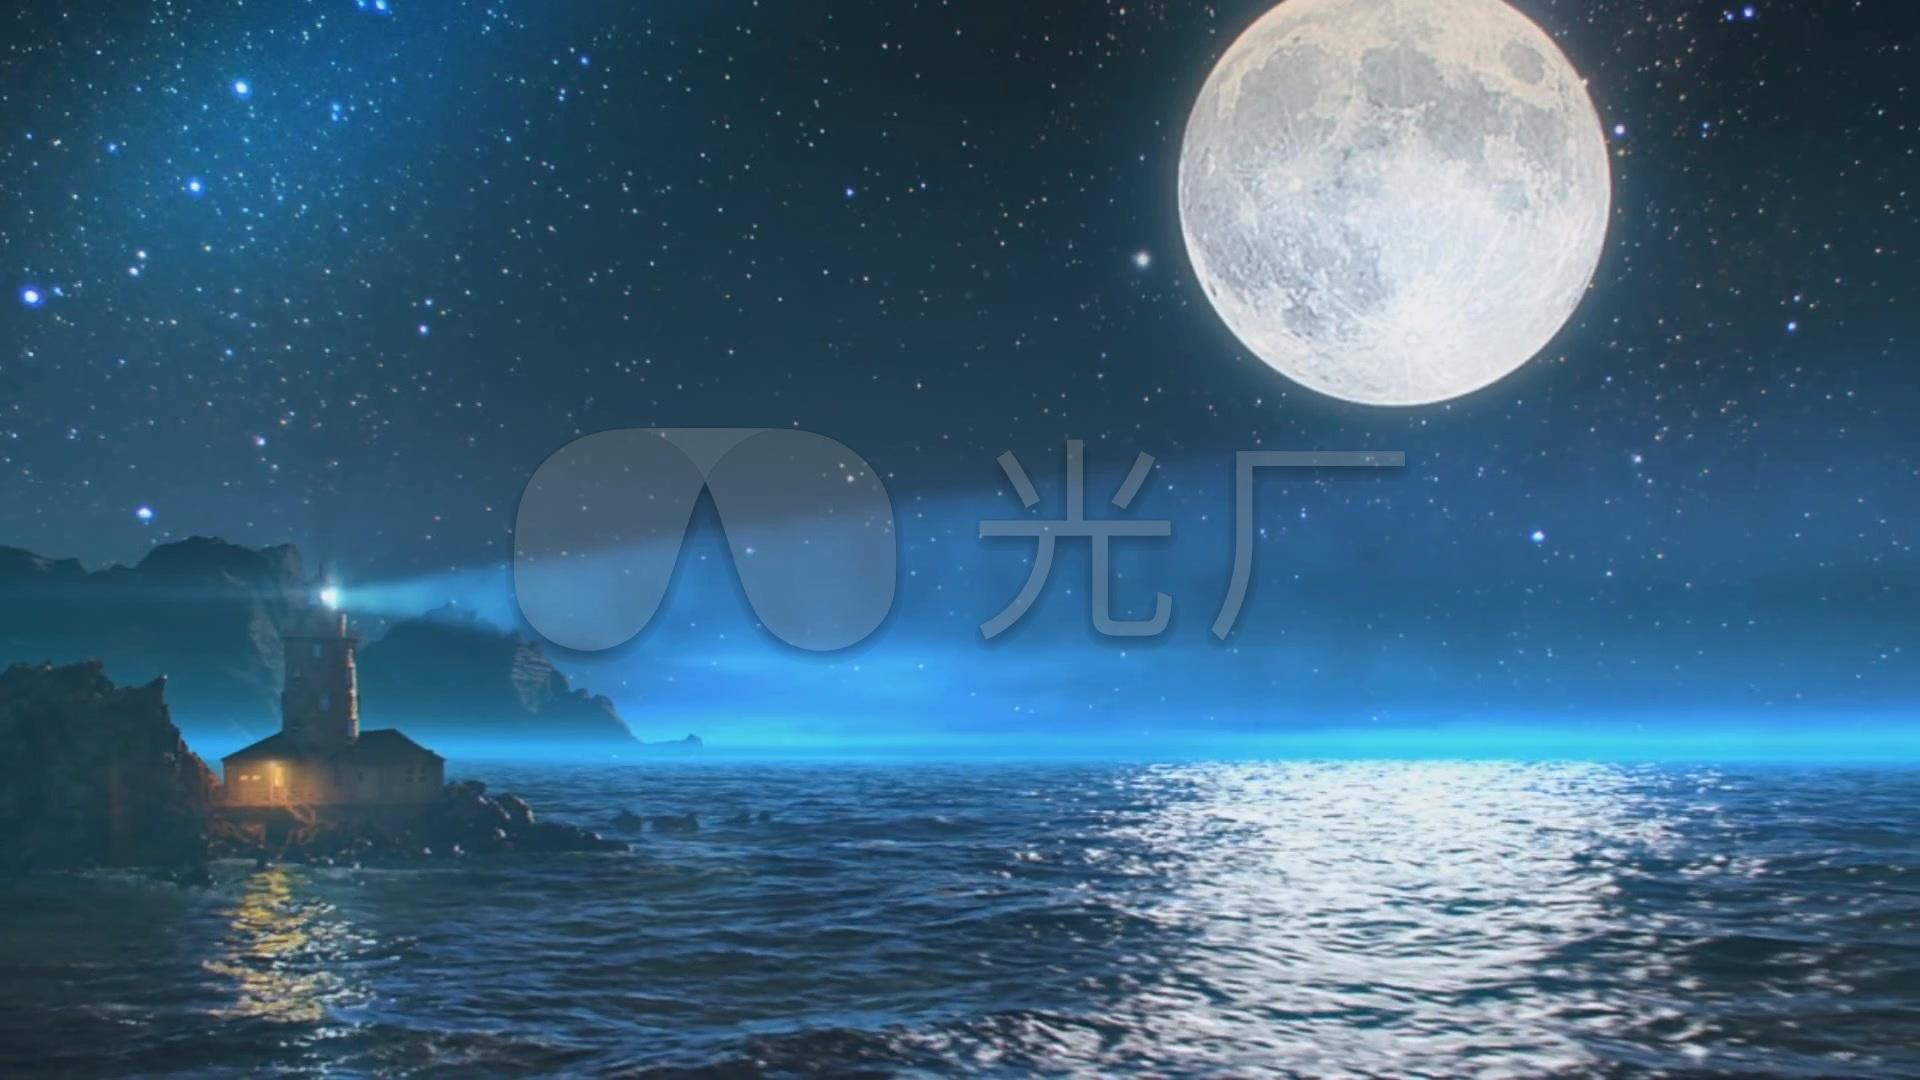 海上升明月唯美月亮星星夜空_1920x1080_高图片